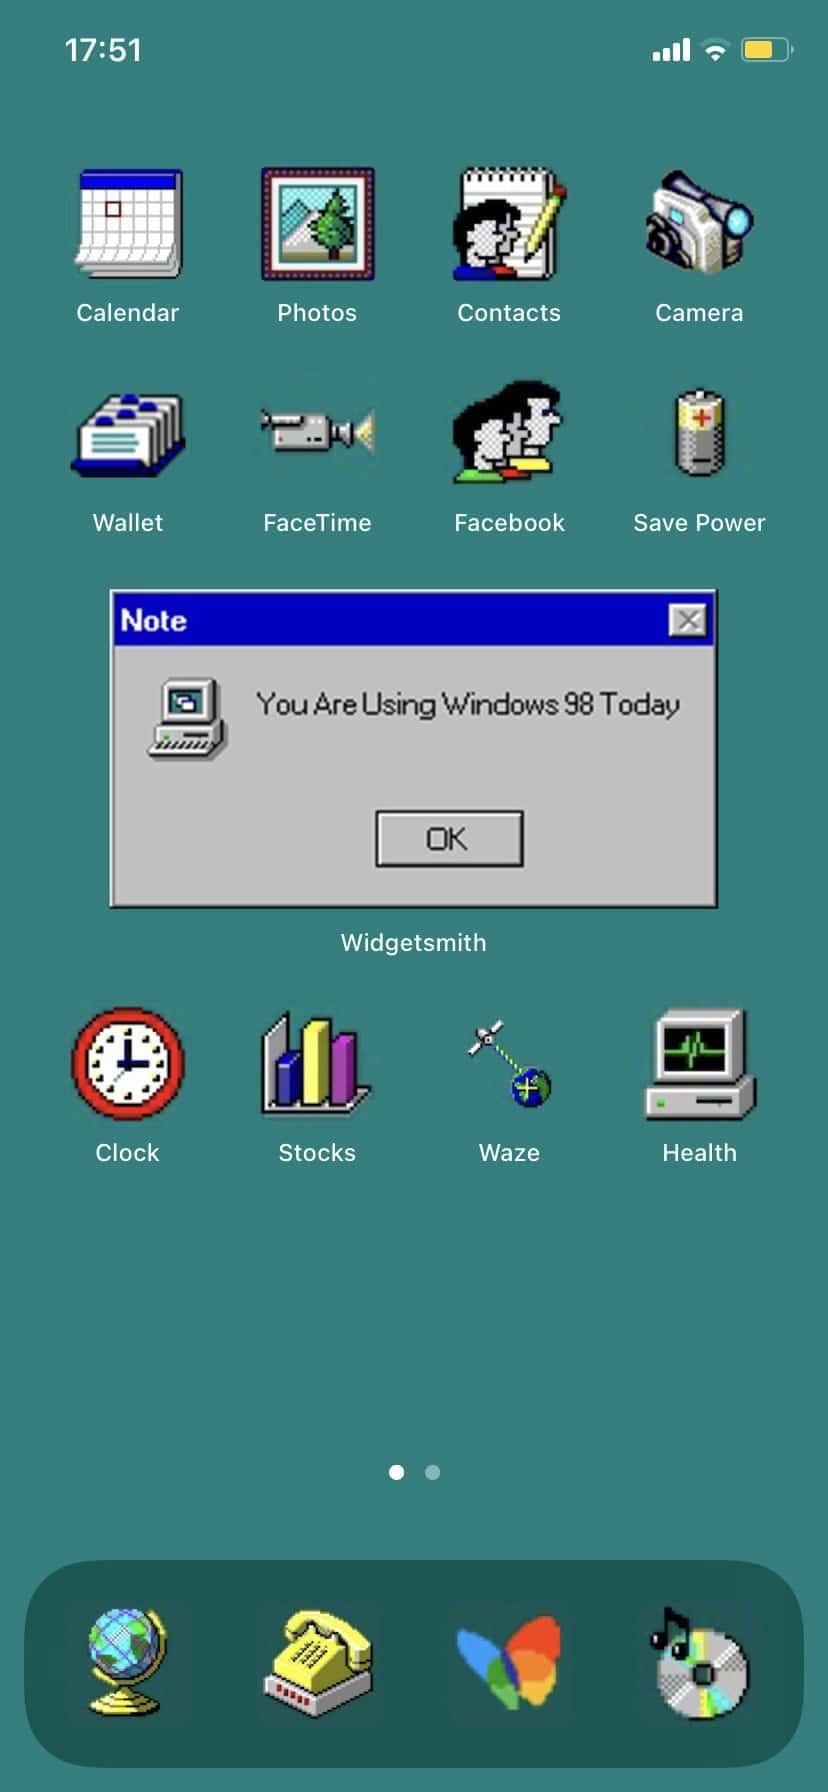 Windows-98 ios14 Homescreen-Icons